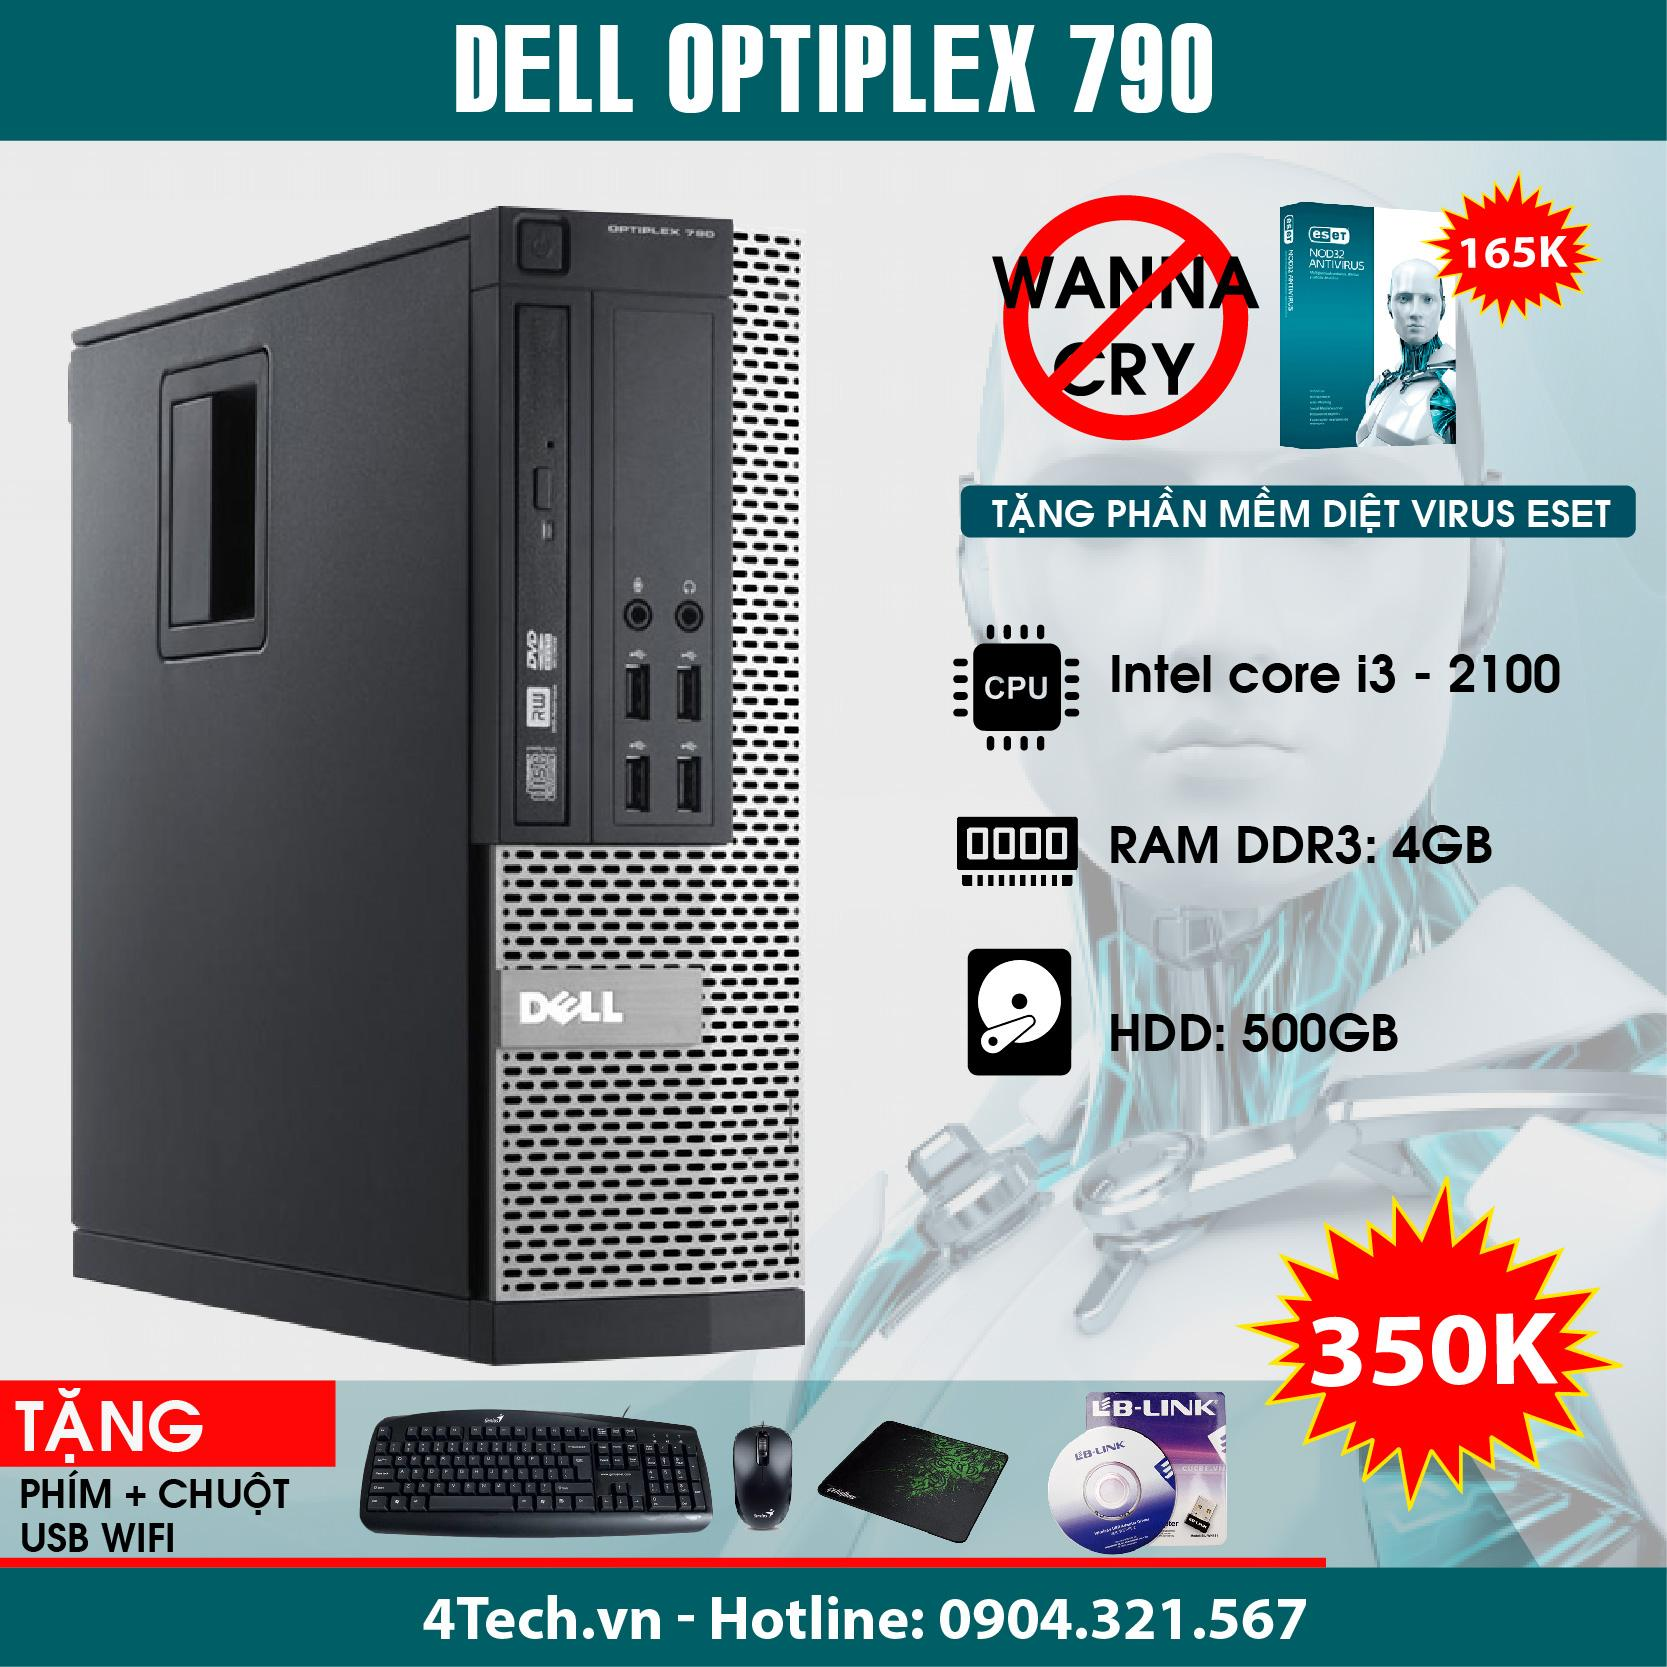 Máy Tính để Bàn Dell Optiplex 790 Intel Core I3-2100, RAM 4GB, HHD 500GB - Hàng Nhập Khẩu + Tặng 1 Bộ Bàn Phím, Chuột, Usb Wifi. Đang Ưu Đãi Giá